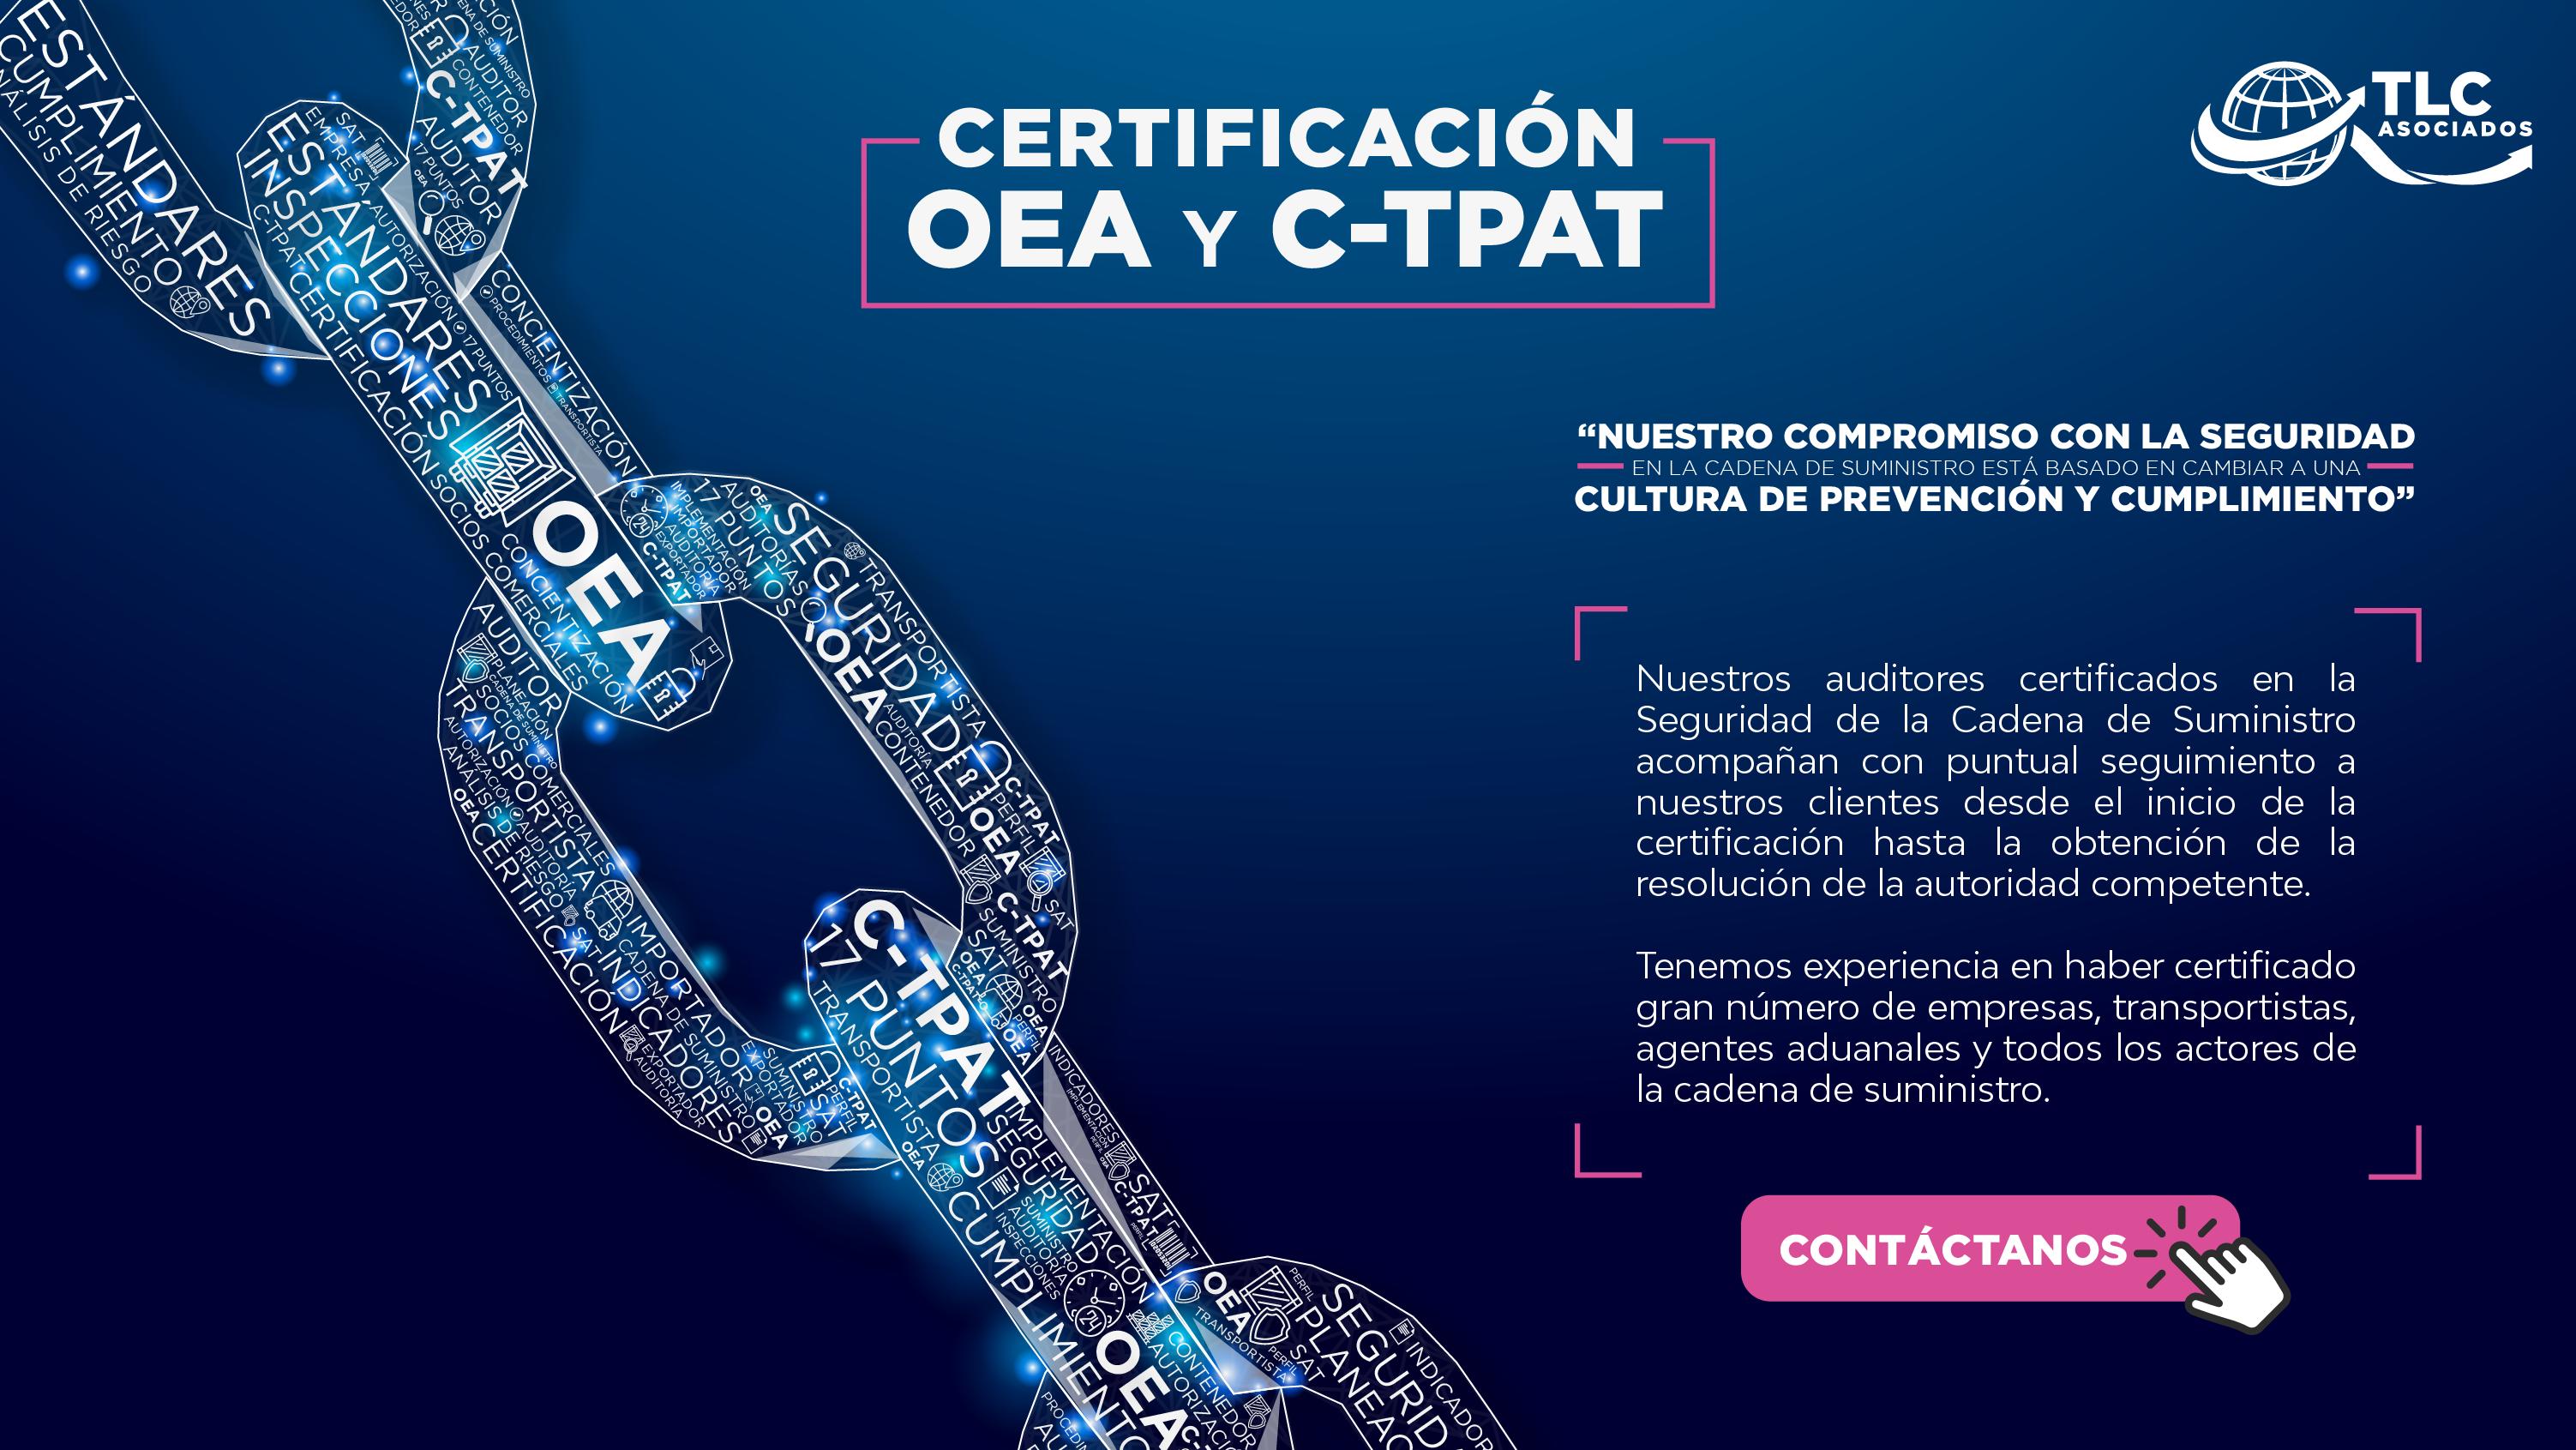 Certificación OEA y C-TPAT